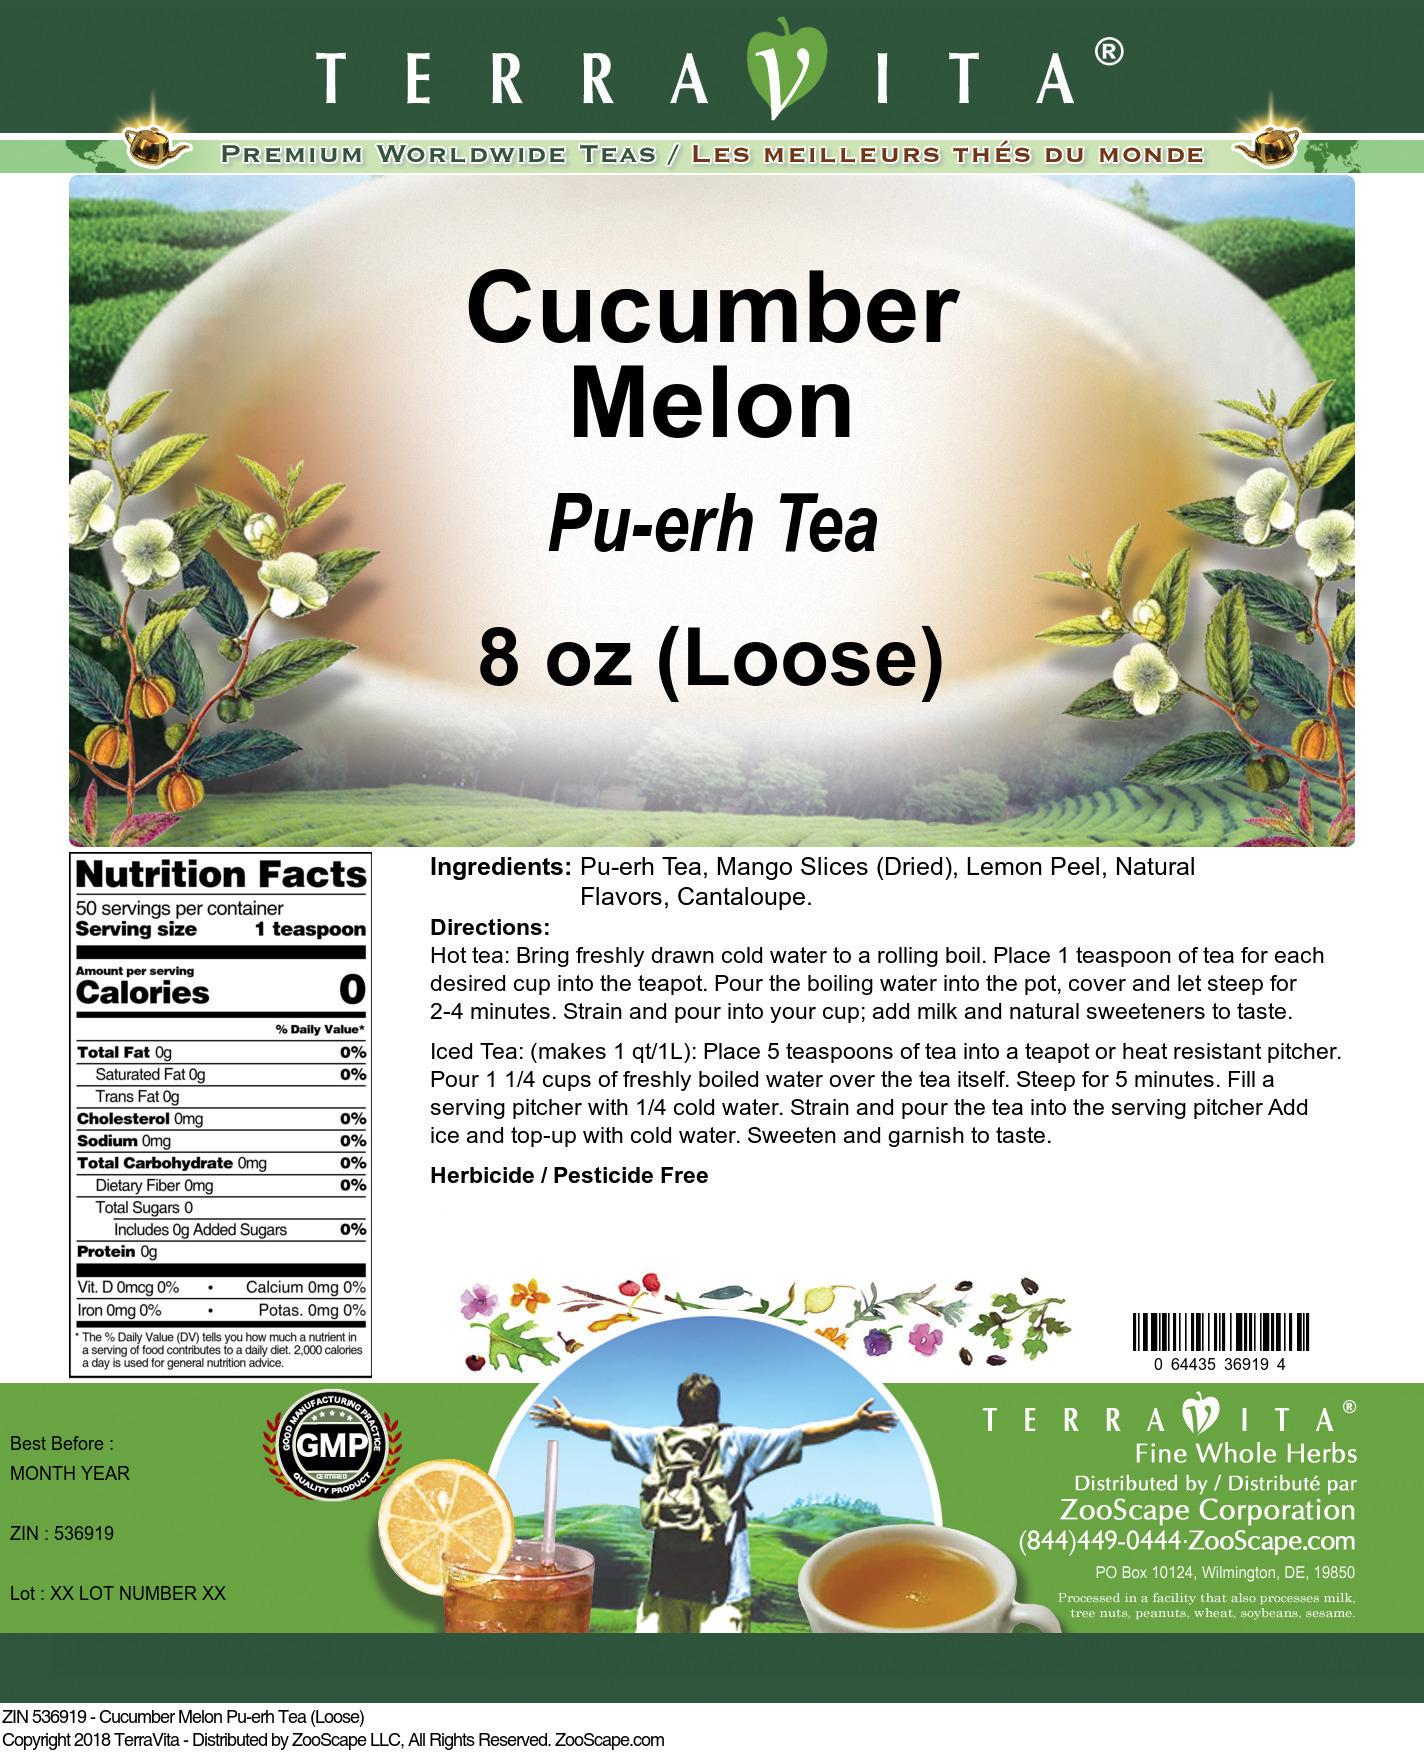 Cucumber Melon Pu-erh Tea (Loose)